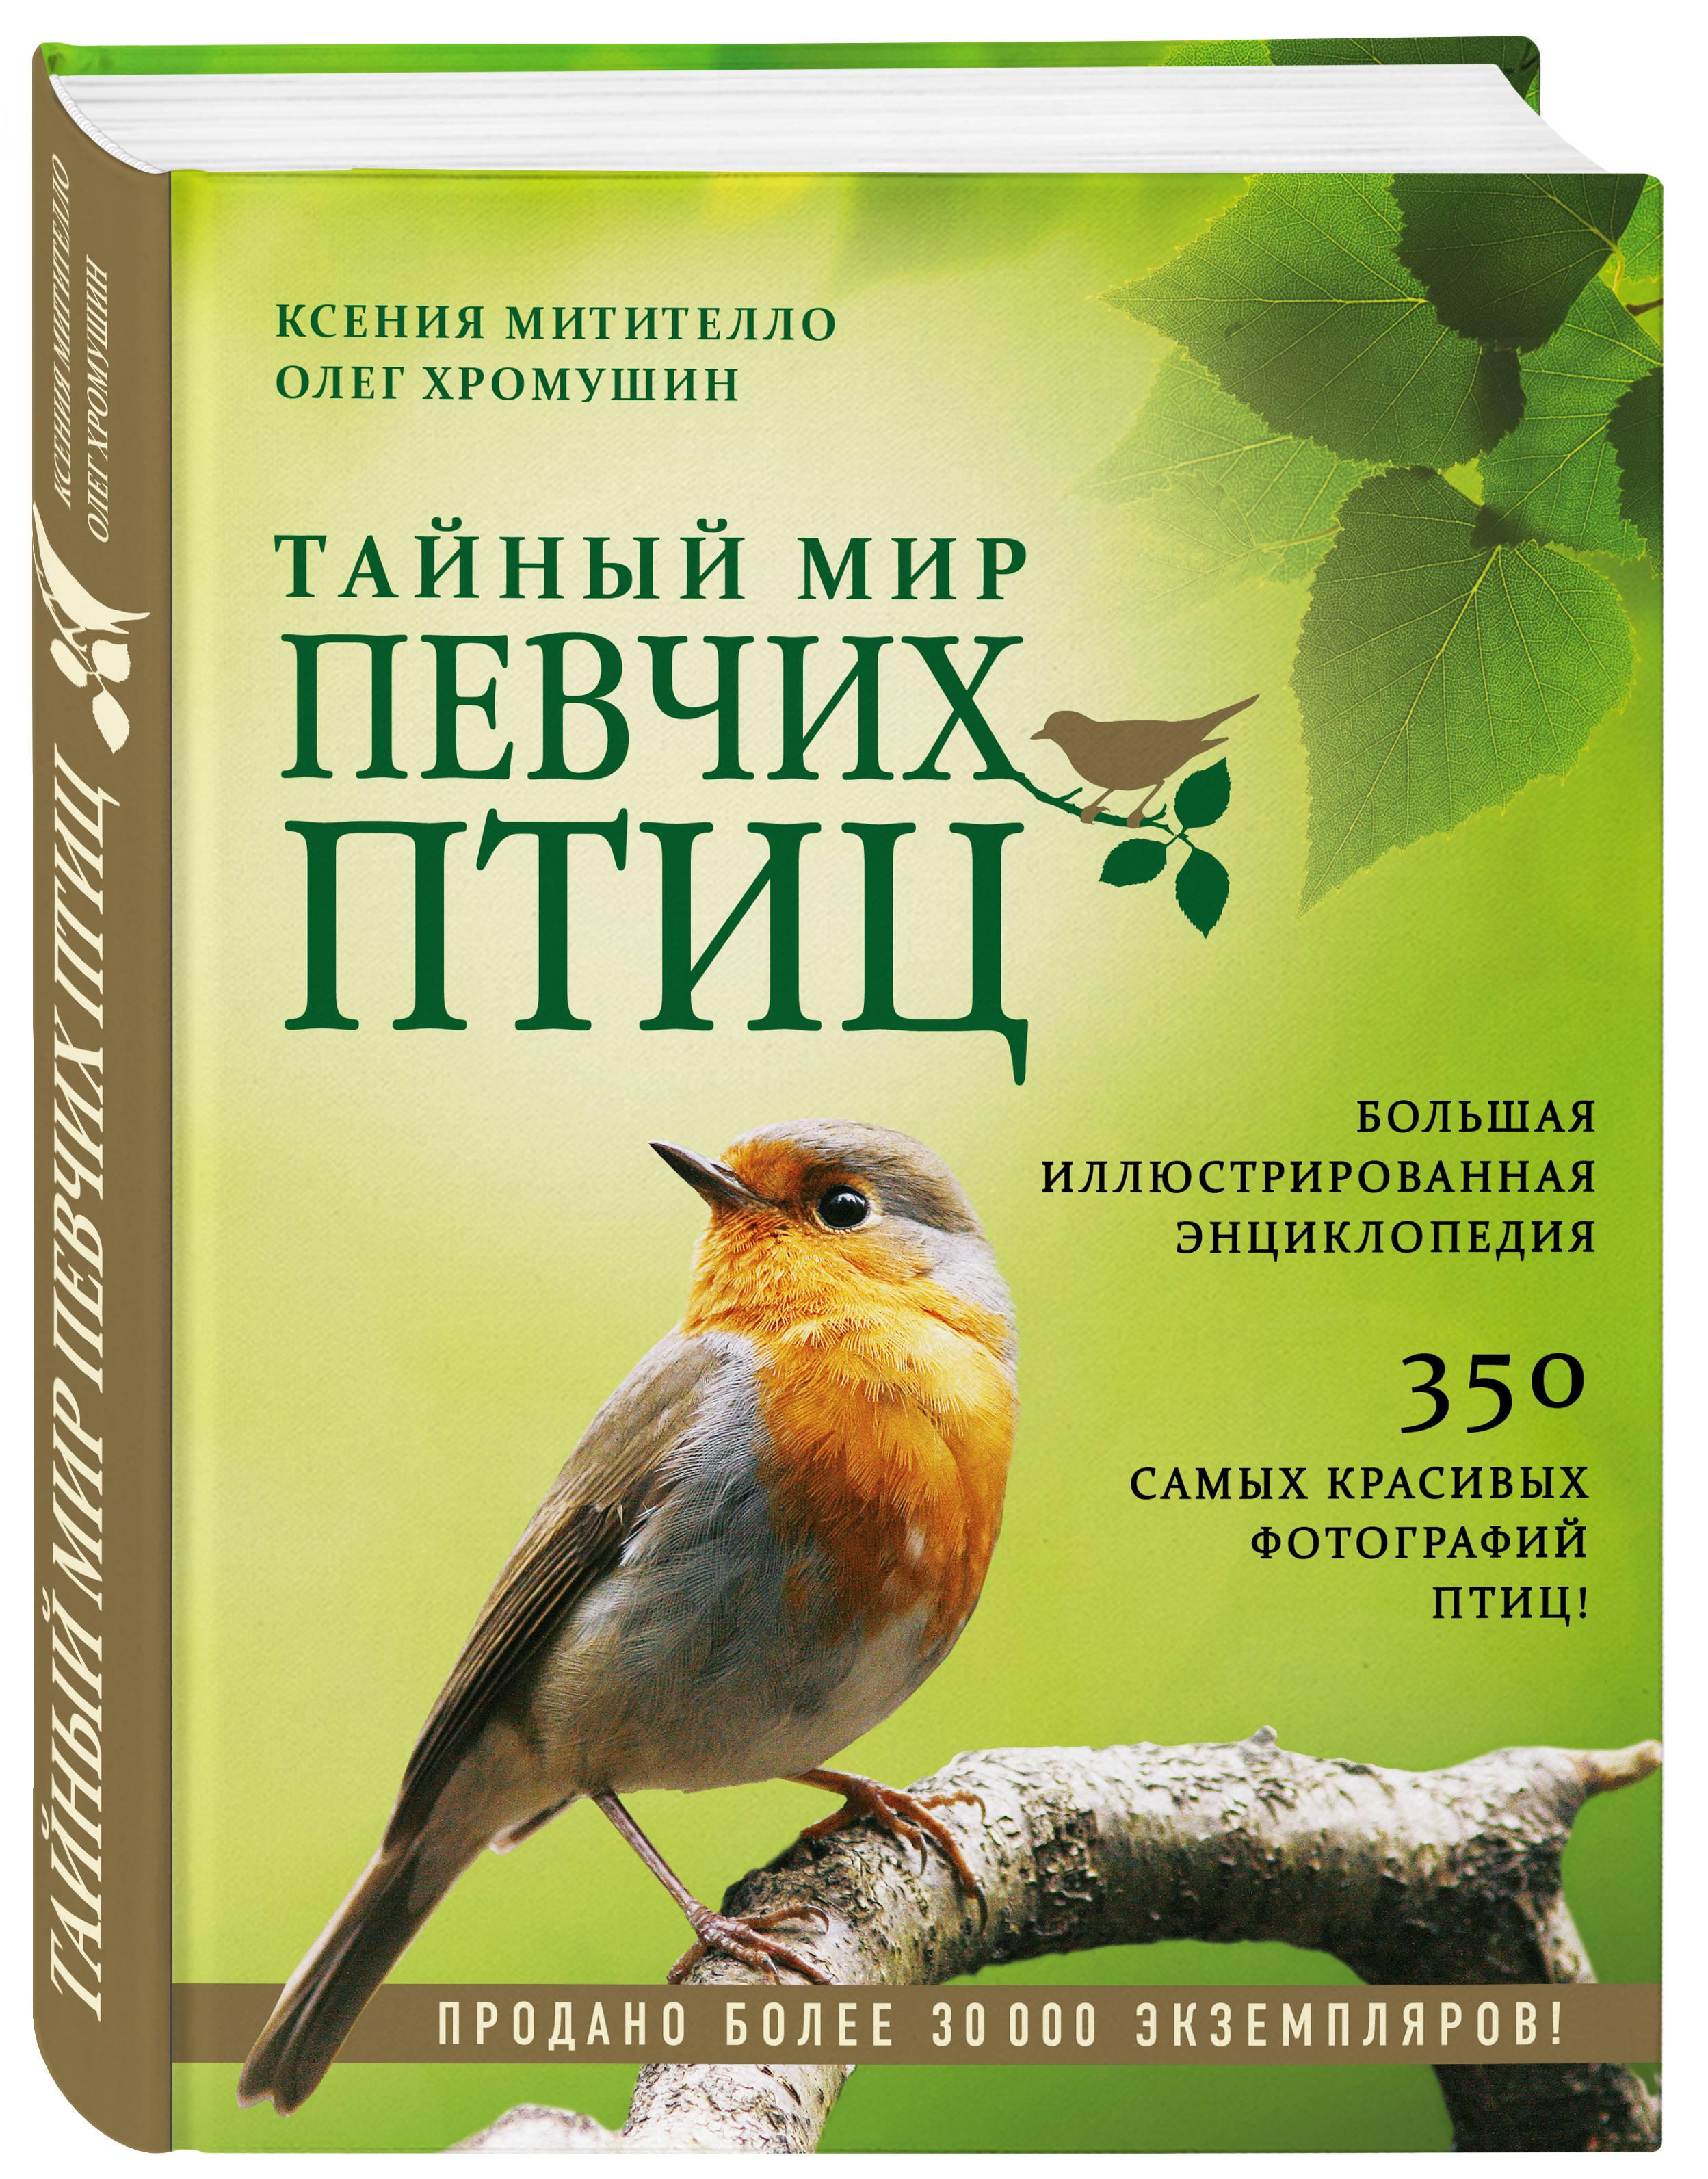 Купить со скидкой Тайный мир певчих птиц. Большая иллюстрированная энциклопедия